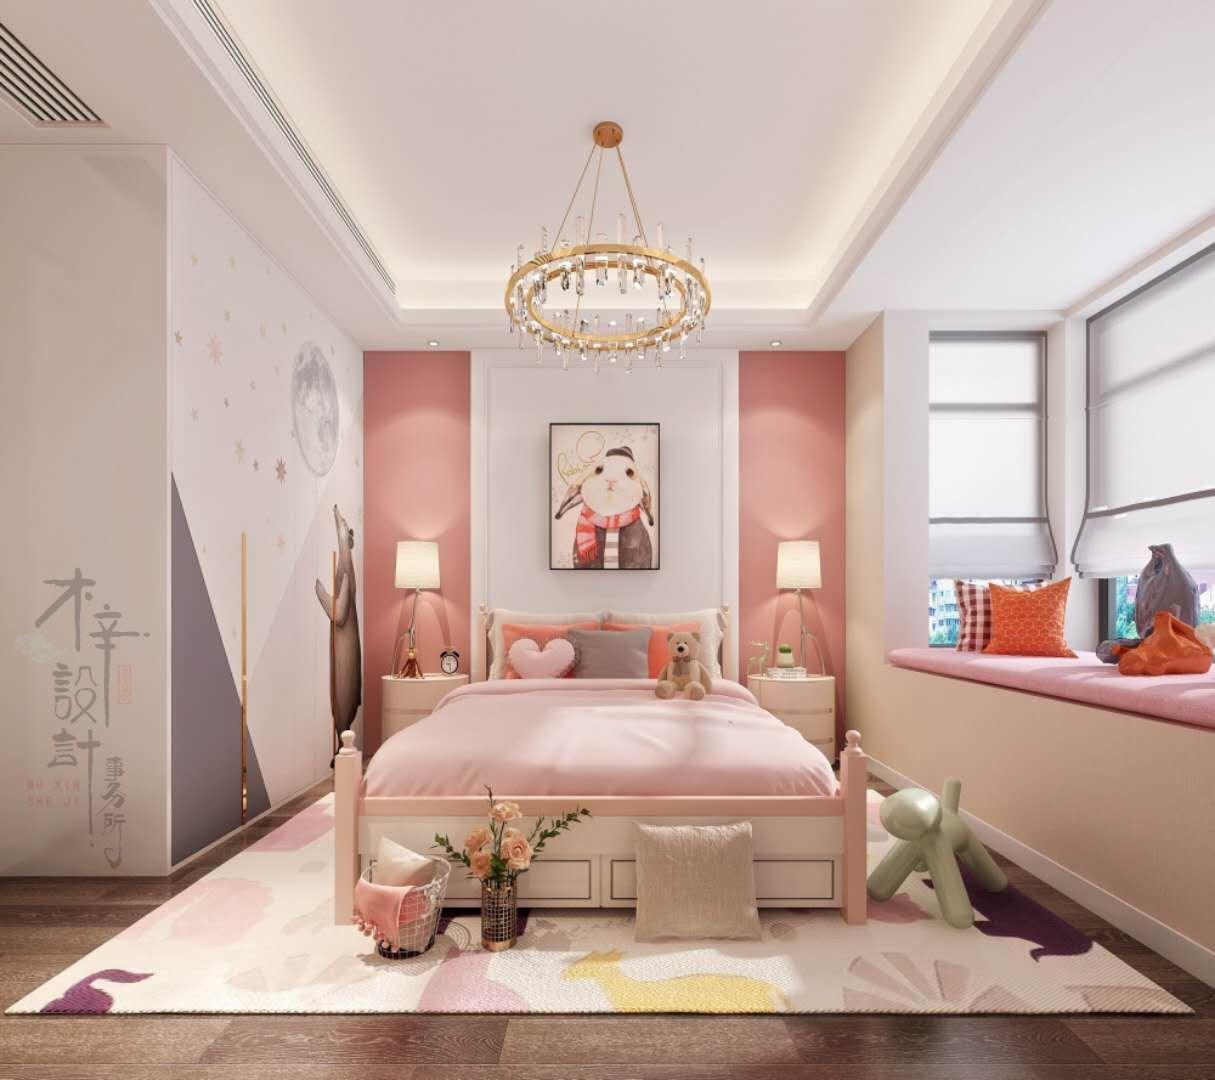 2020现代简约儿童房装饰设计 2020现代简约背景墙装修图